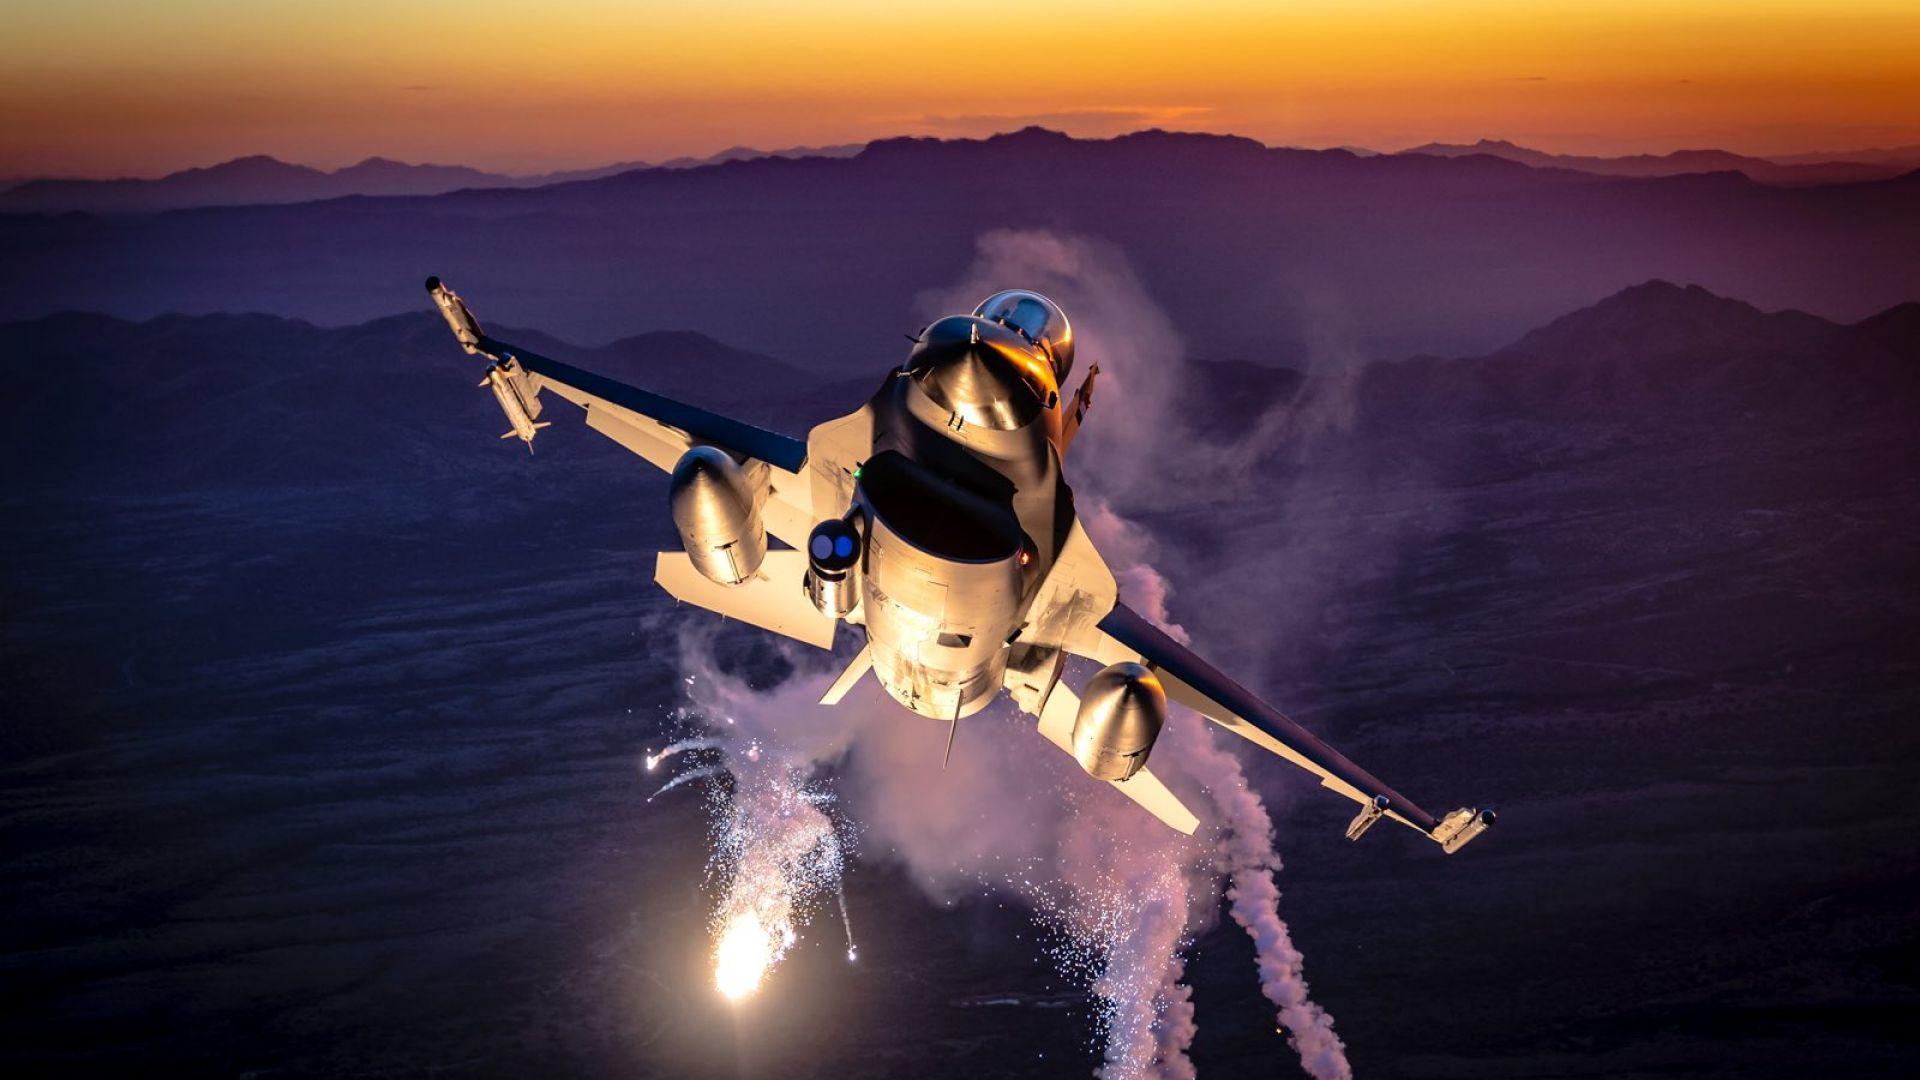 ВВС на Холандия с впечатляваща фотосесия на F-16